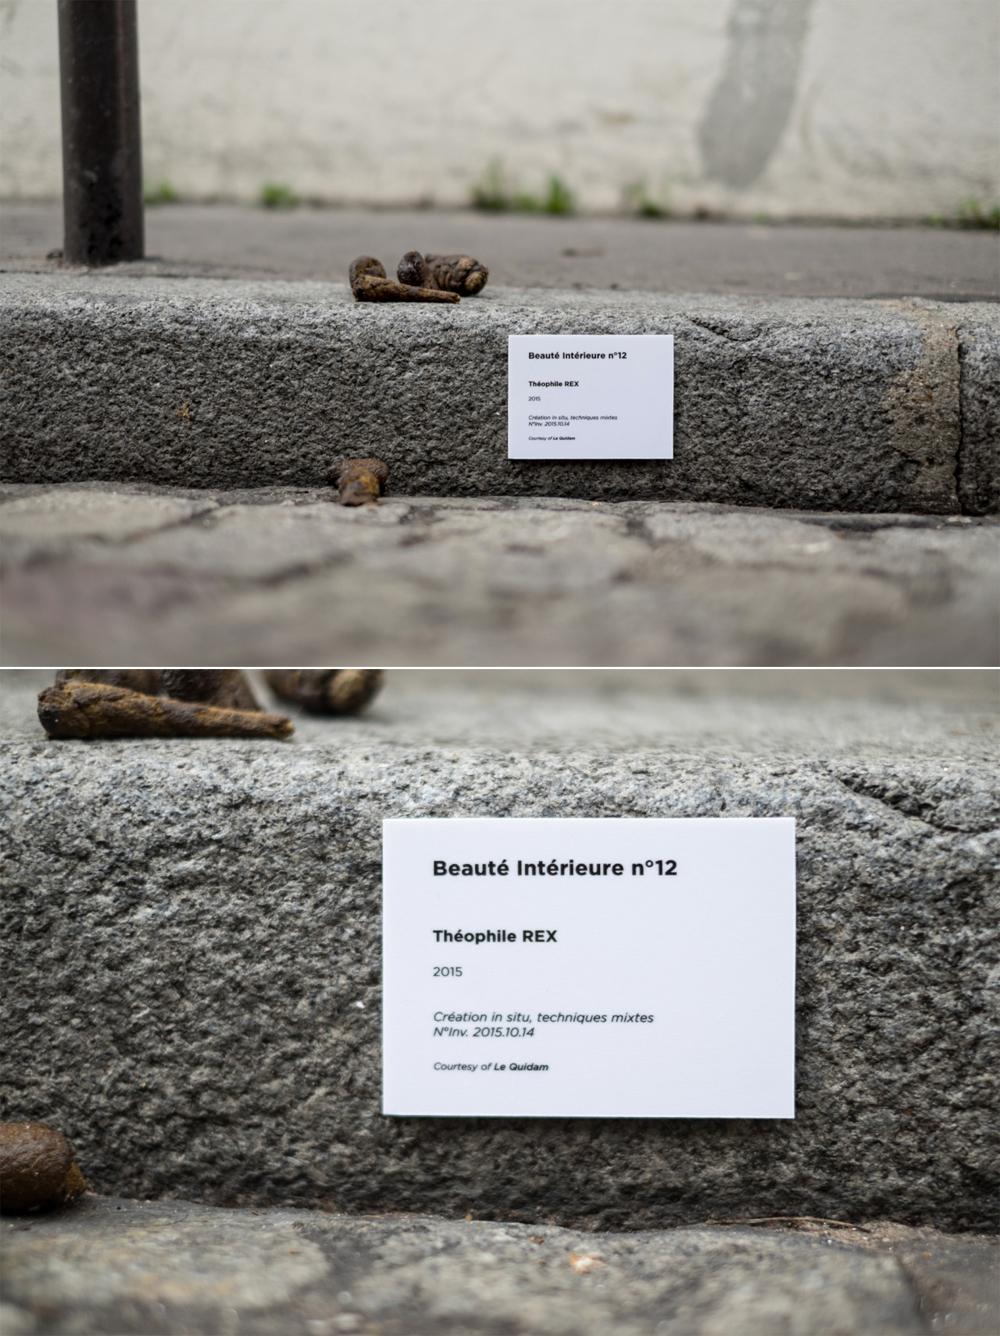 'Beauté Intérieure nº 12' - Le Quidam - Foto: lequidam.com